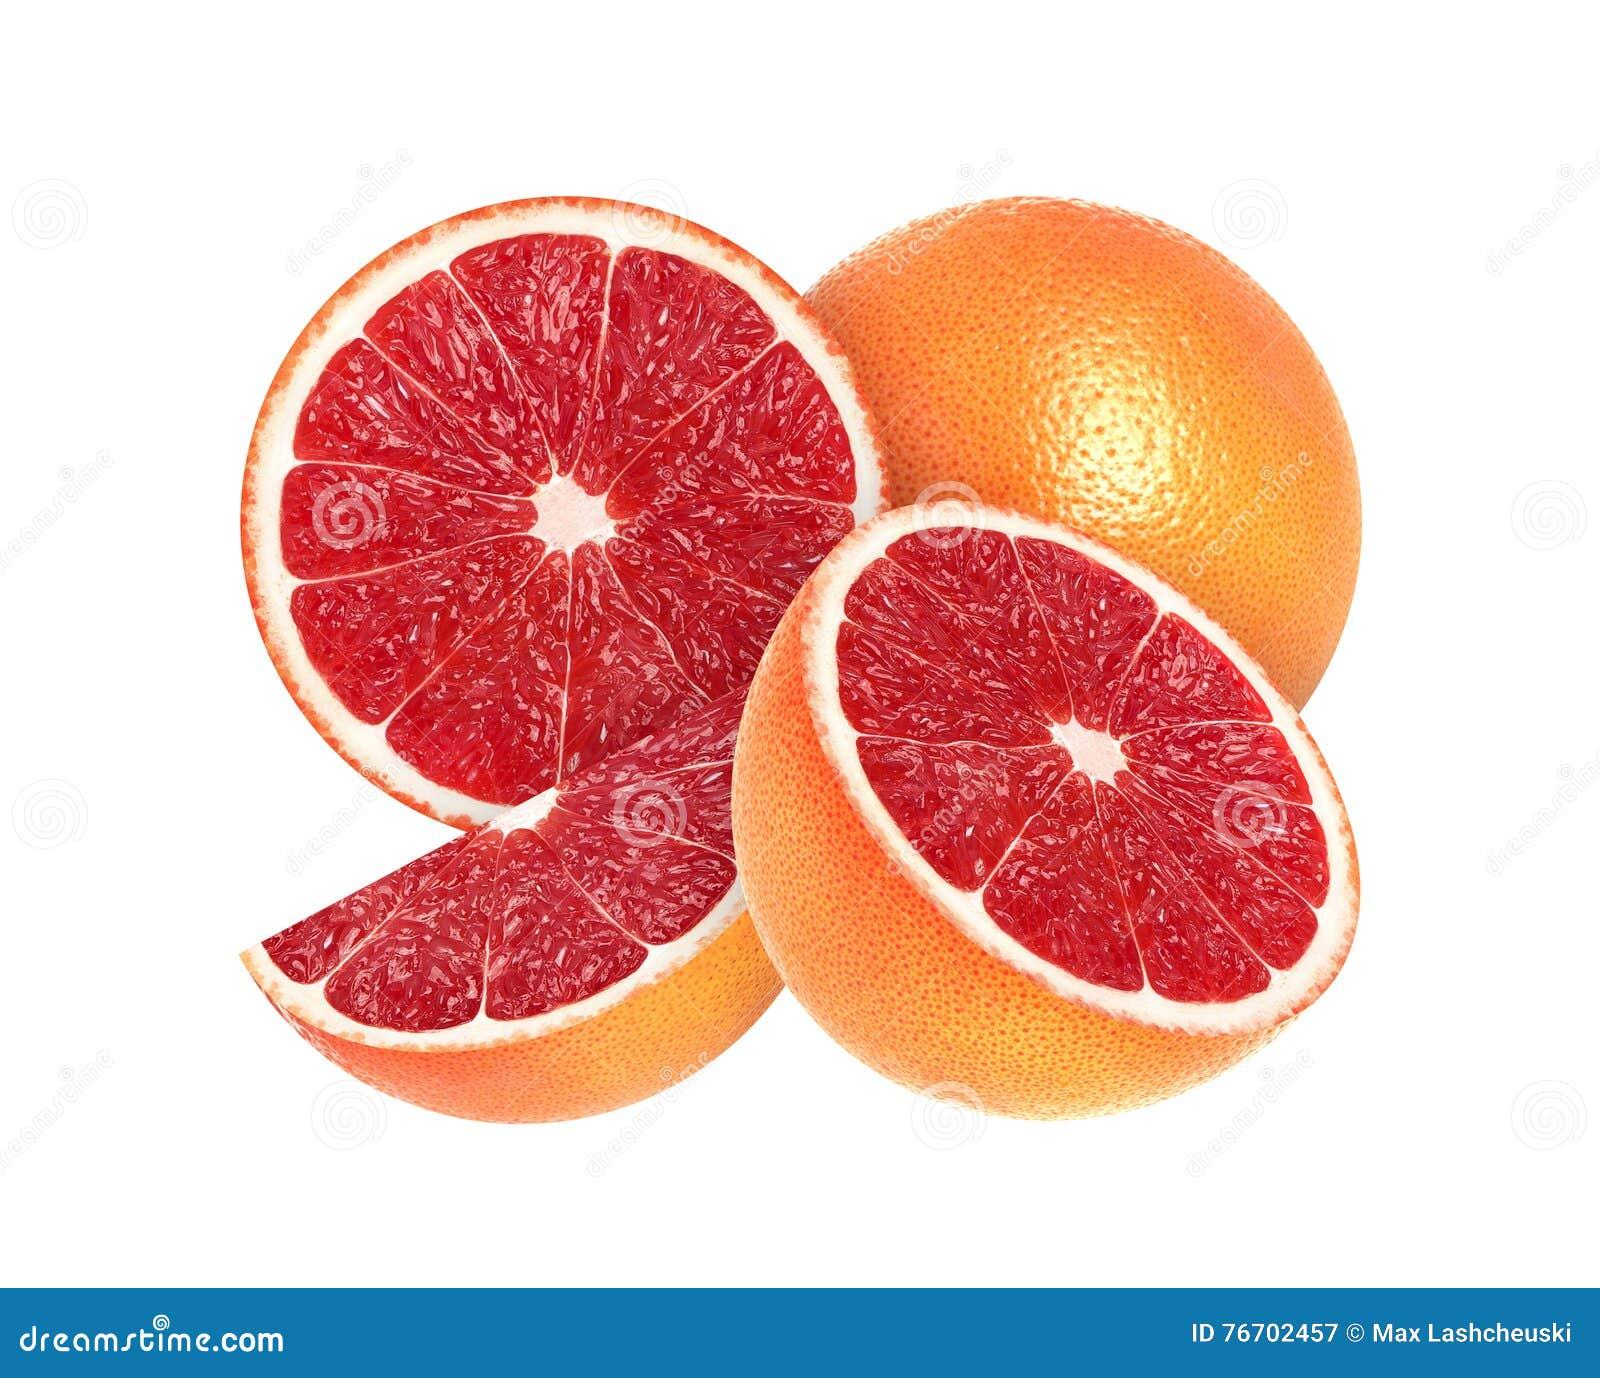 Skivad grapefrukt som isoleras på vit